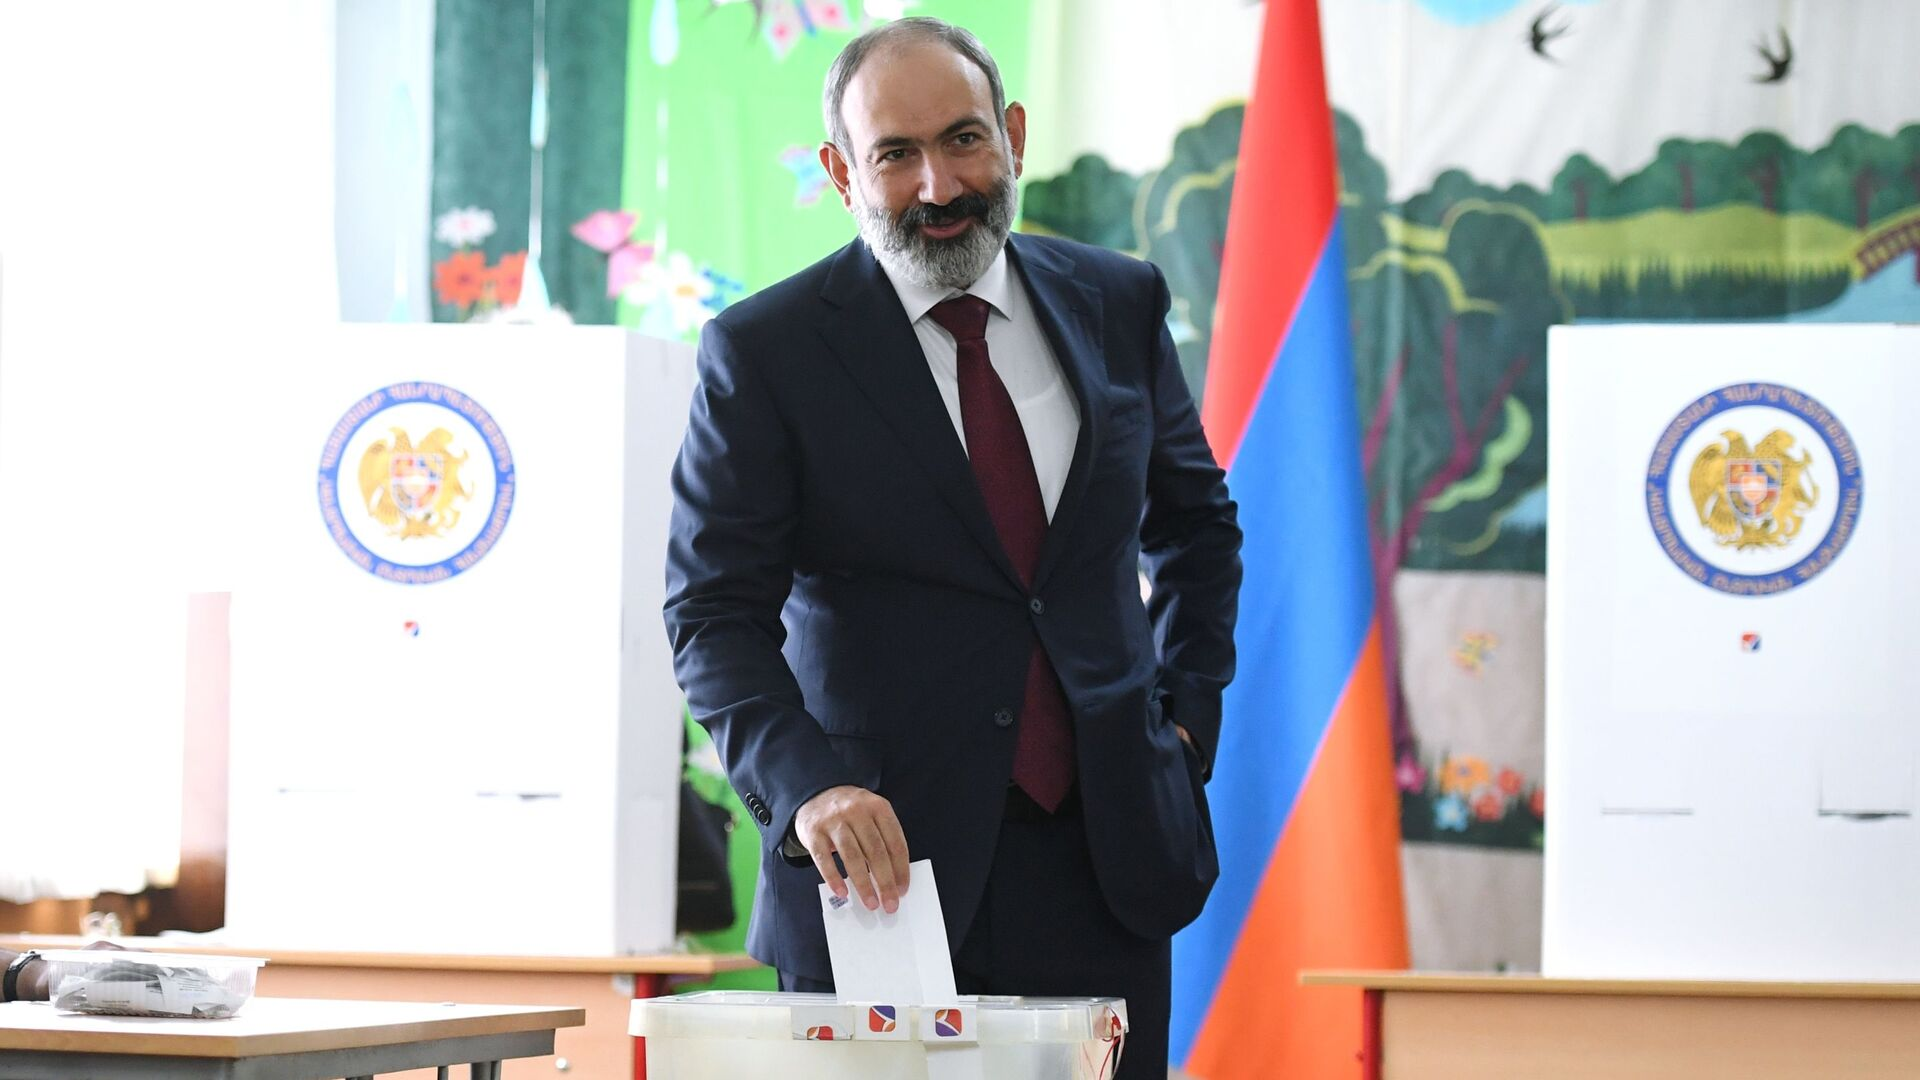 Nikola Paszinian głosuje w przedterminowych wyborach parlamentarnych w Armenii.  - Sputnik Polska, 1920, 20.06.2021